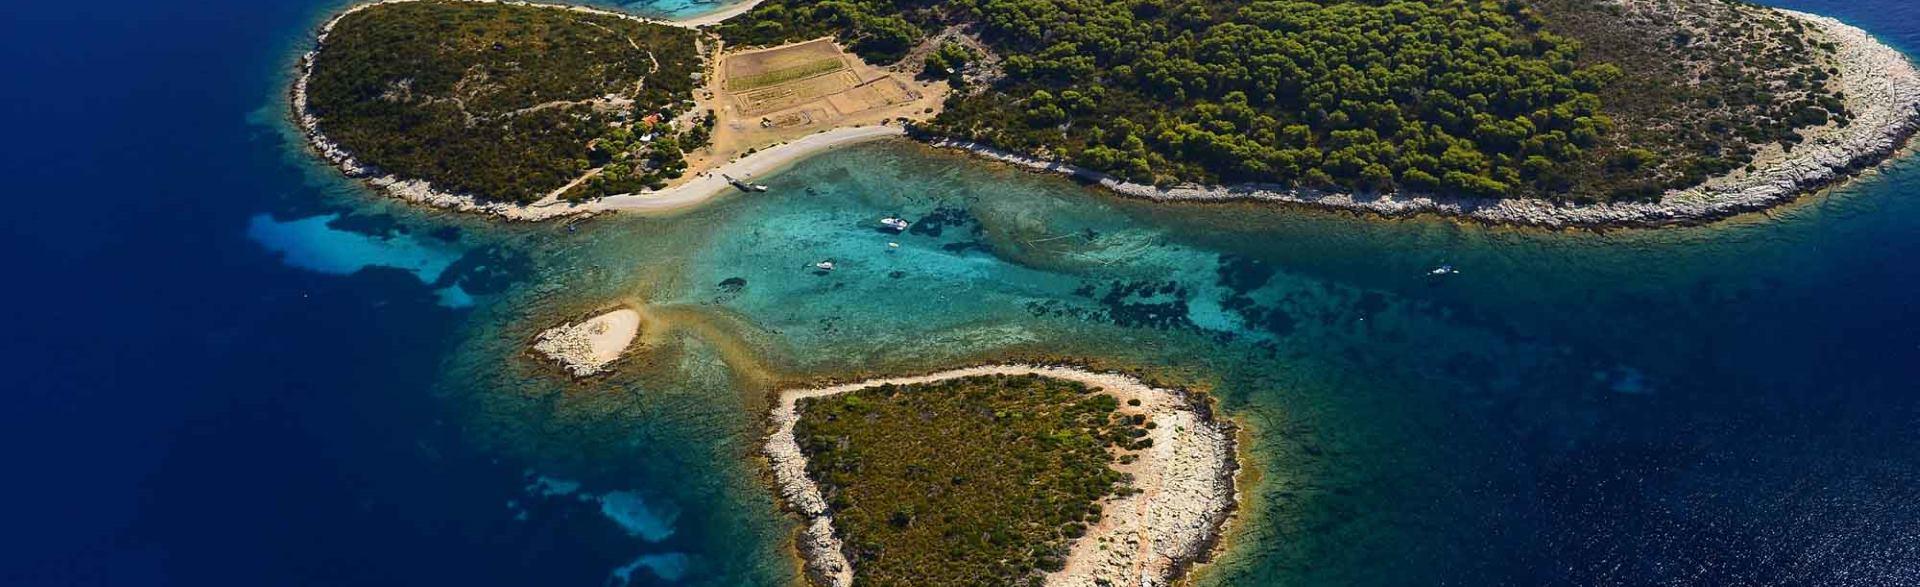 TURIZAM Hrvatska ima sve prednosti za pozitivne rezultate iz Italije